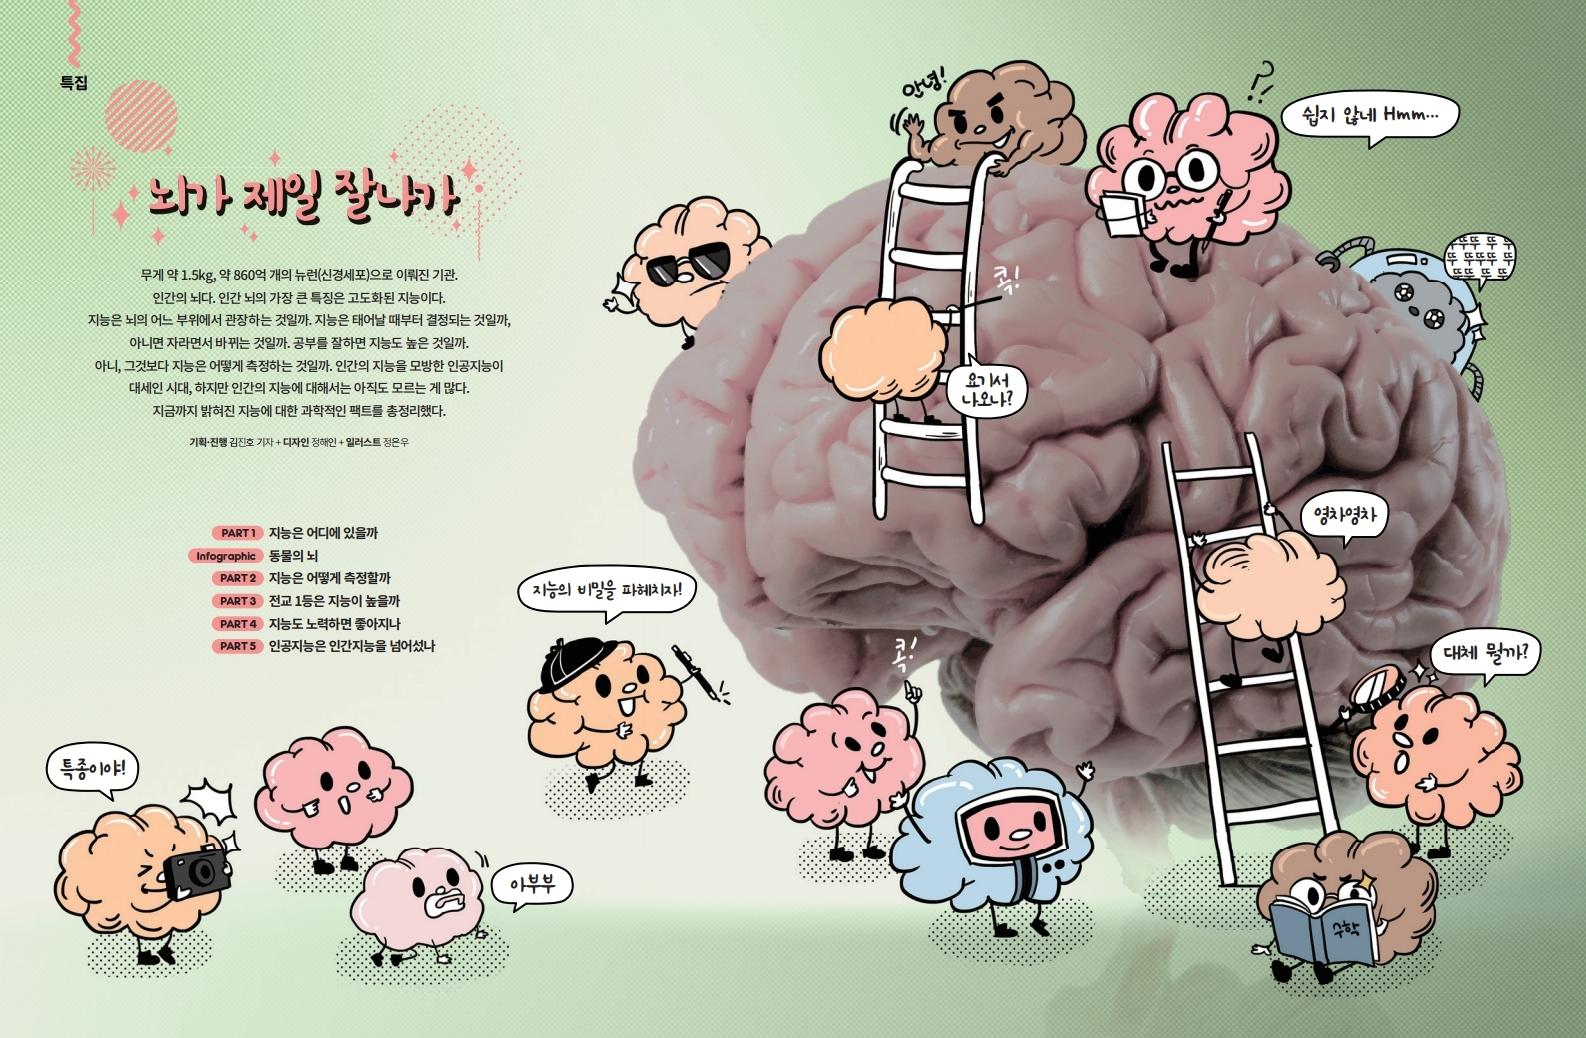 뇌가 제일 잘나가